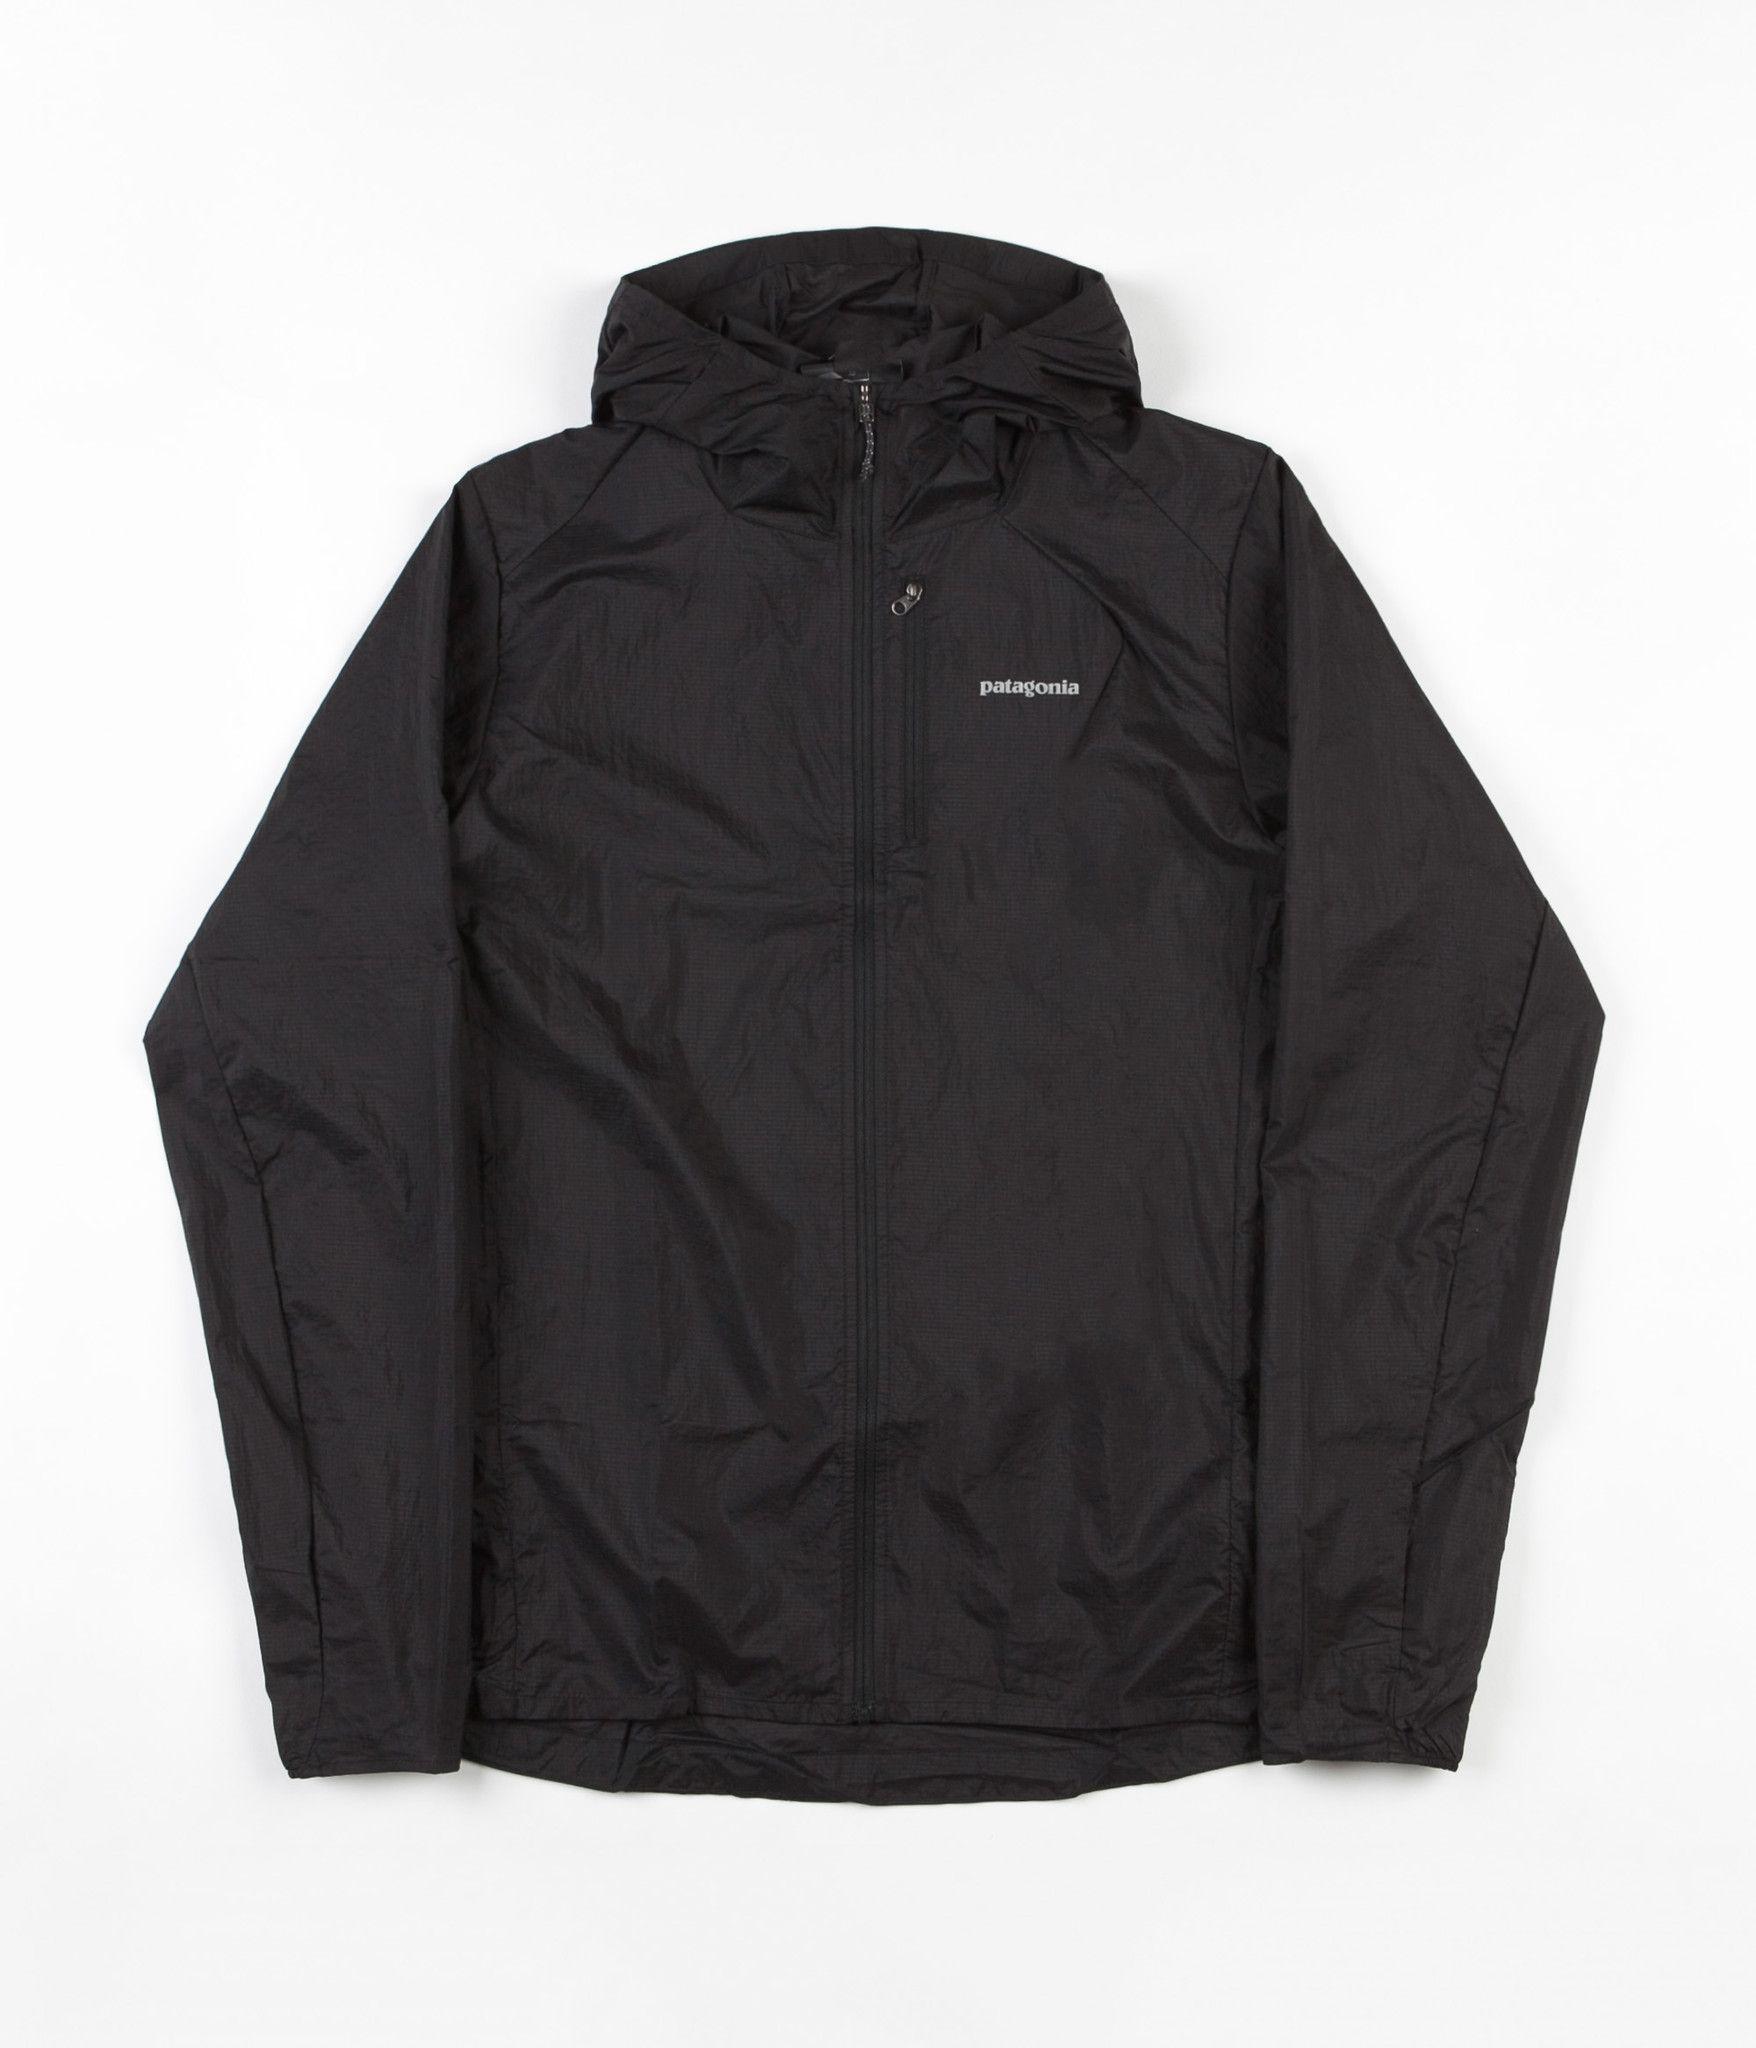 Patagonia Houdini Jacket Black (With images) Jackets